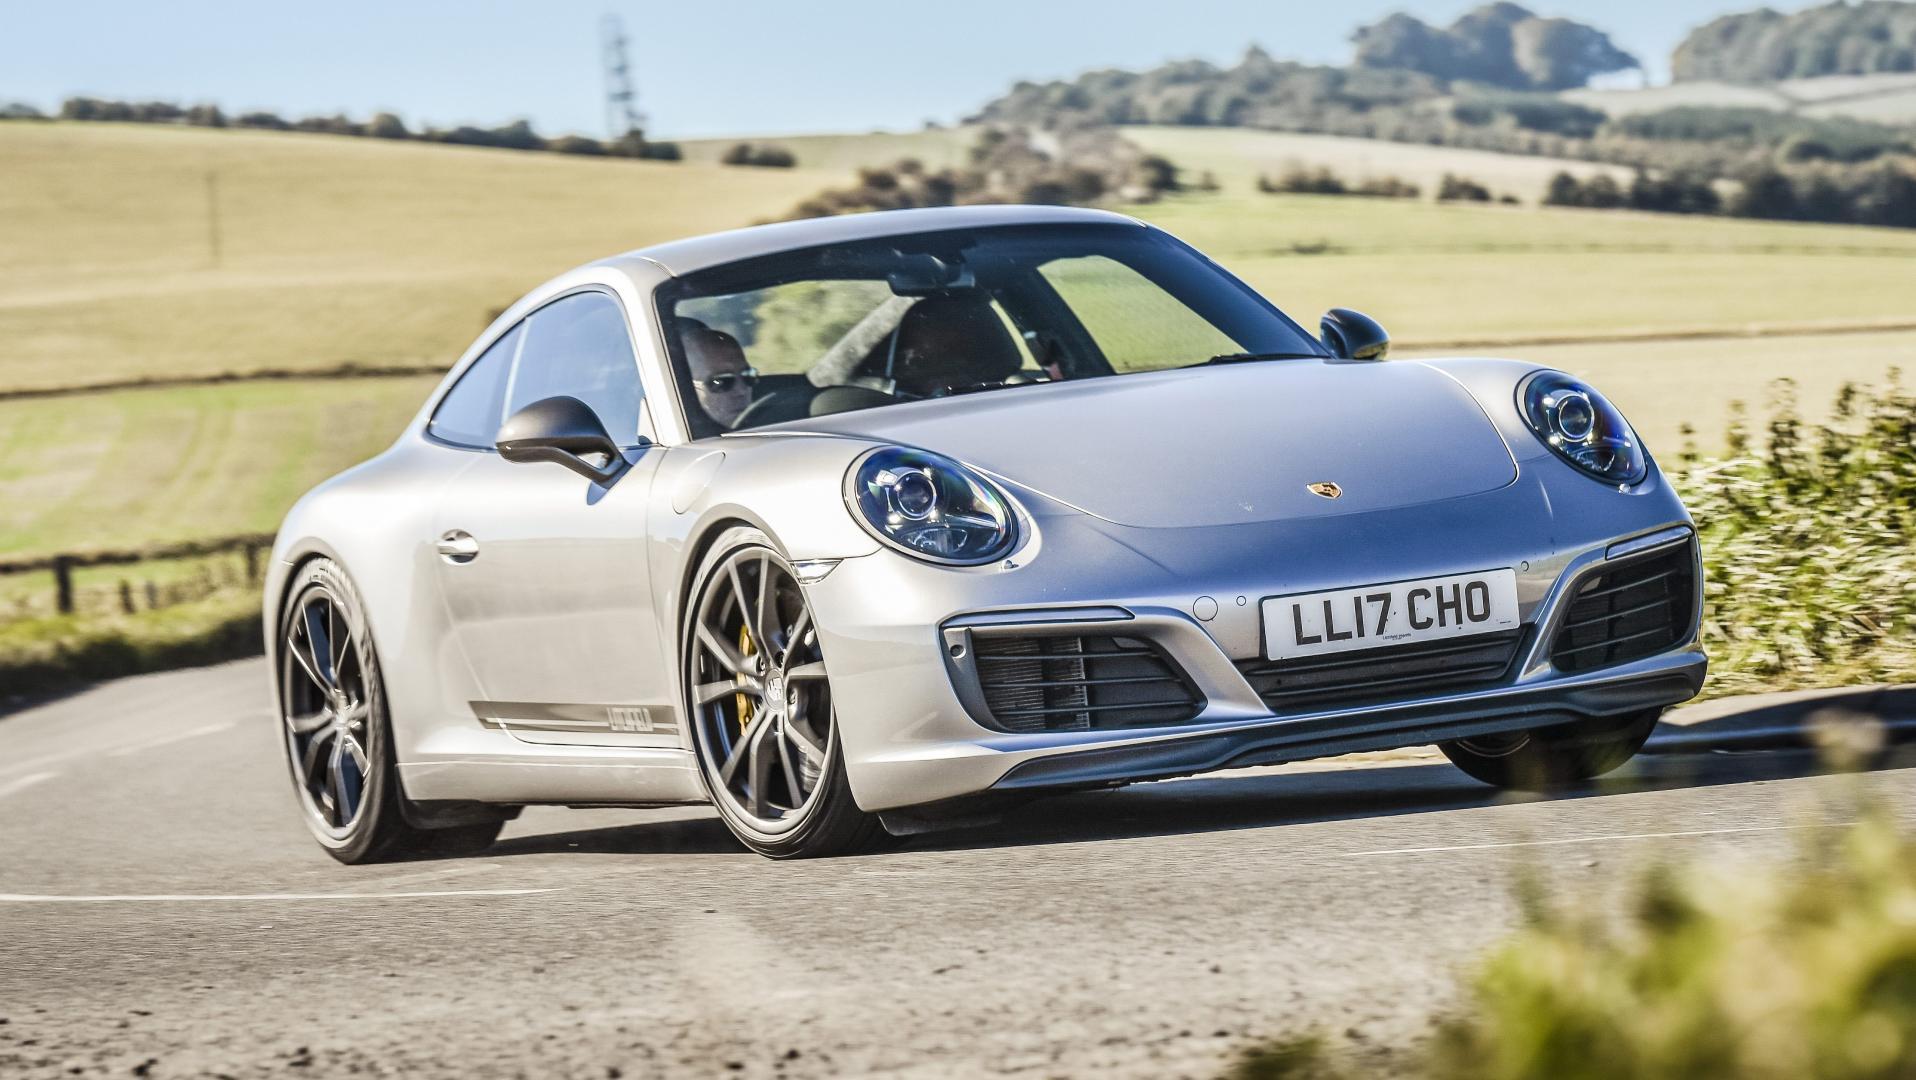 Litchfield Porsche 911 TLitchfield